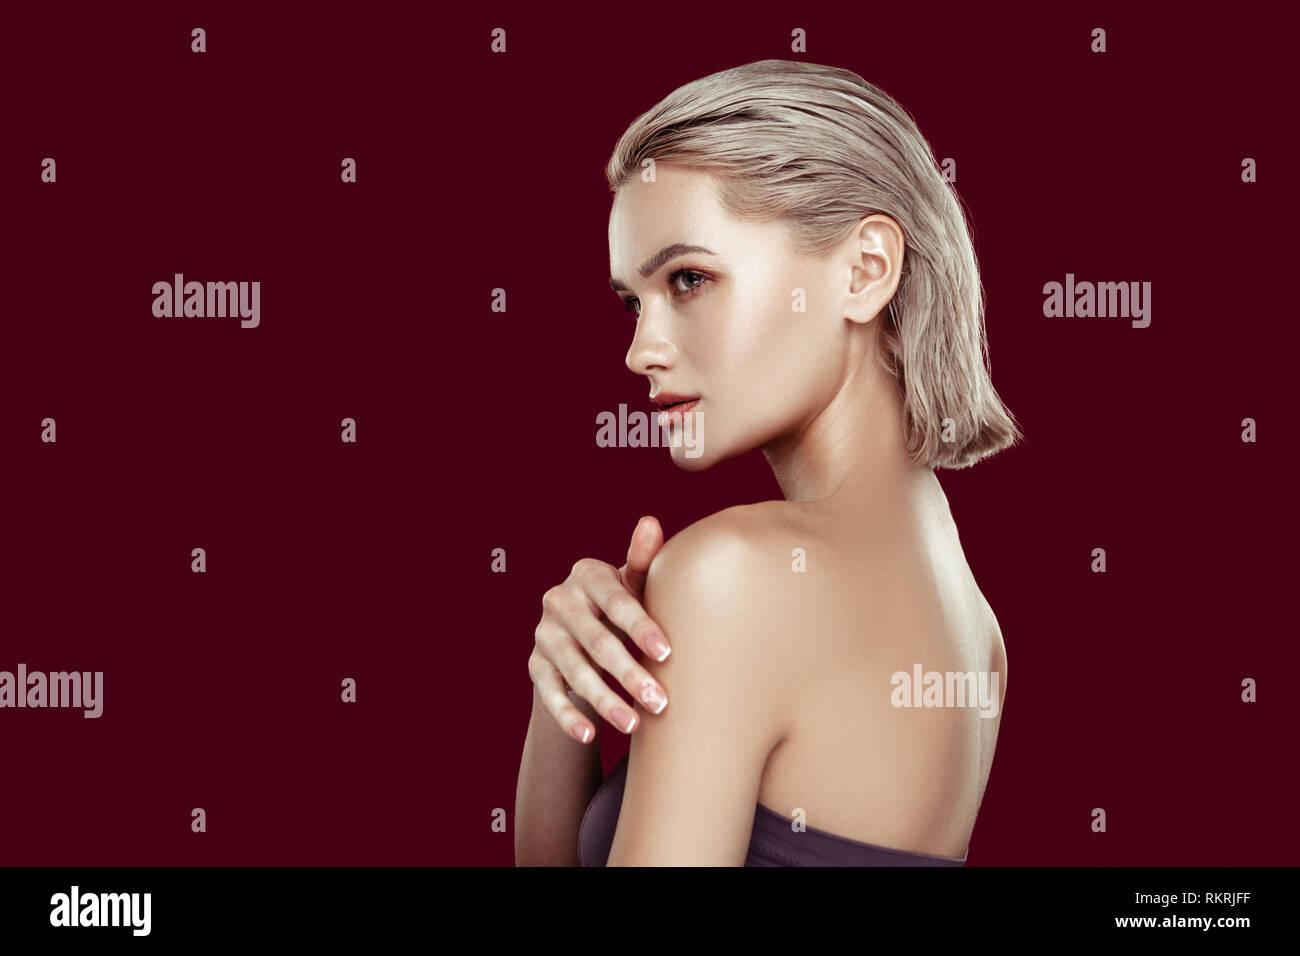 Blonde Frau mit schönen Teint posieren für Magazin Stockbild